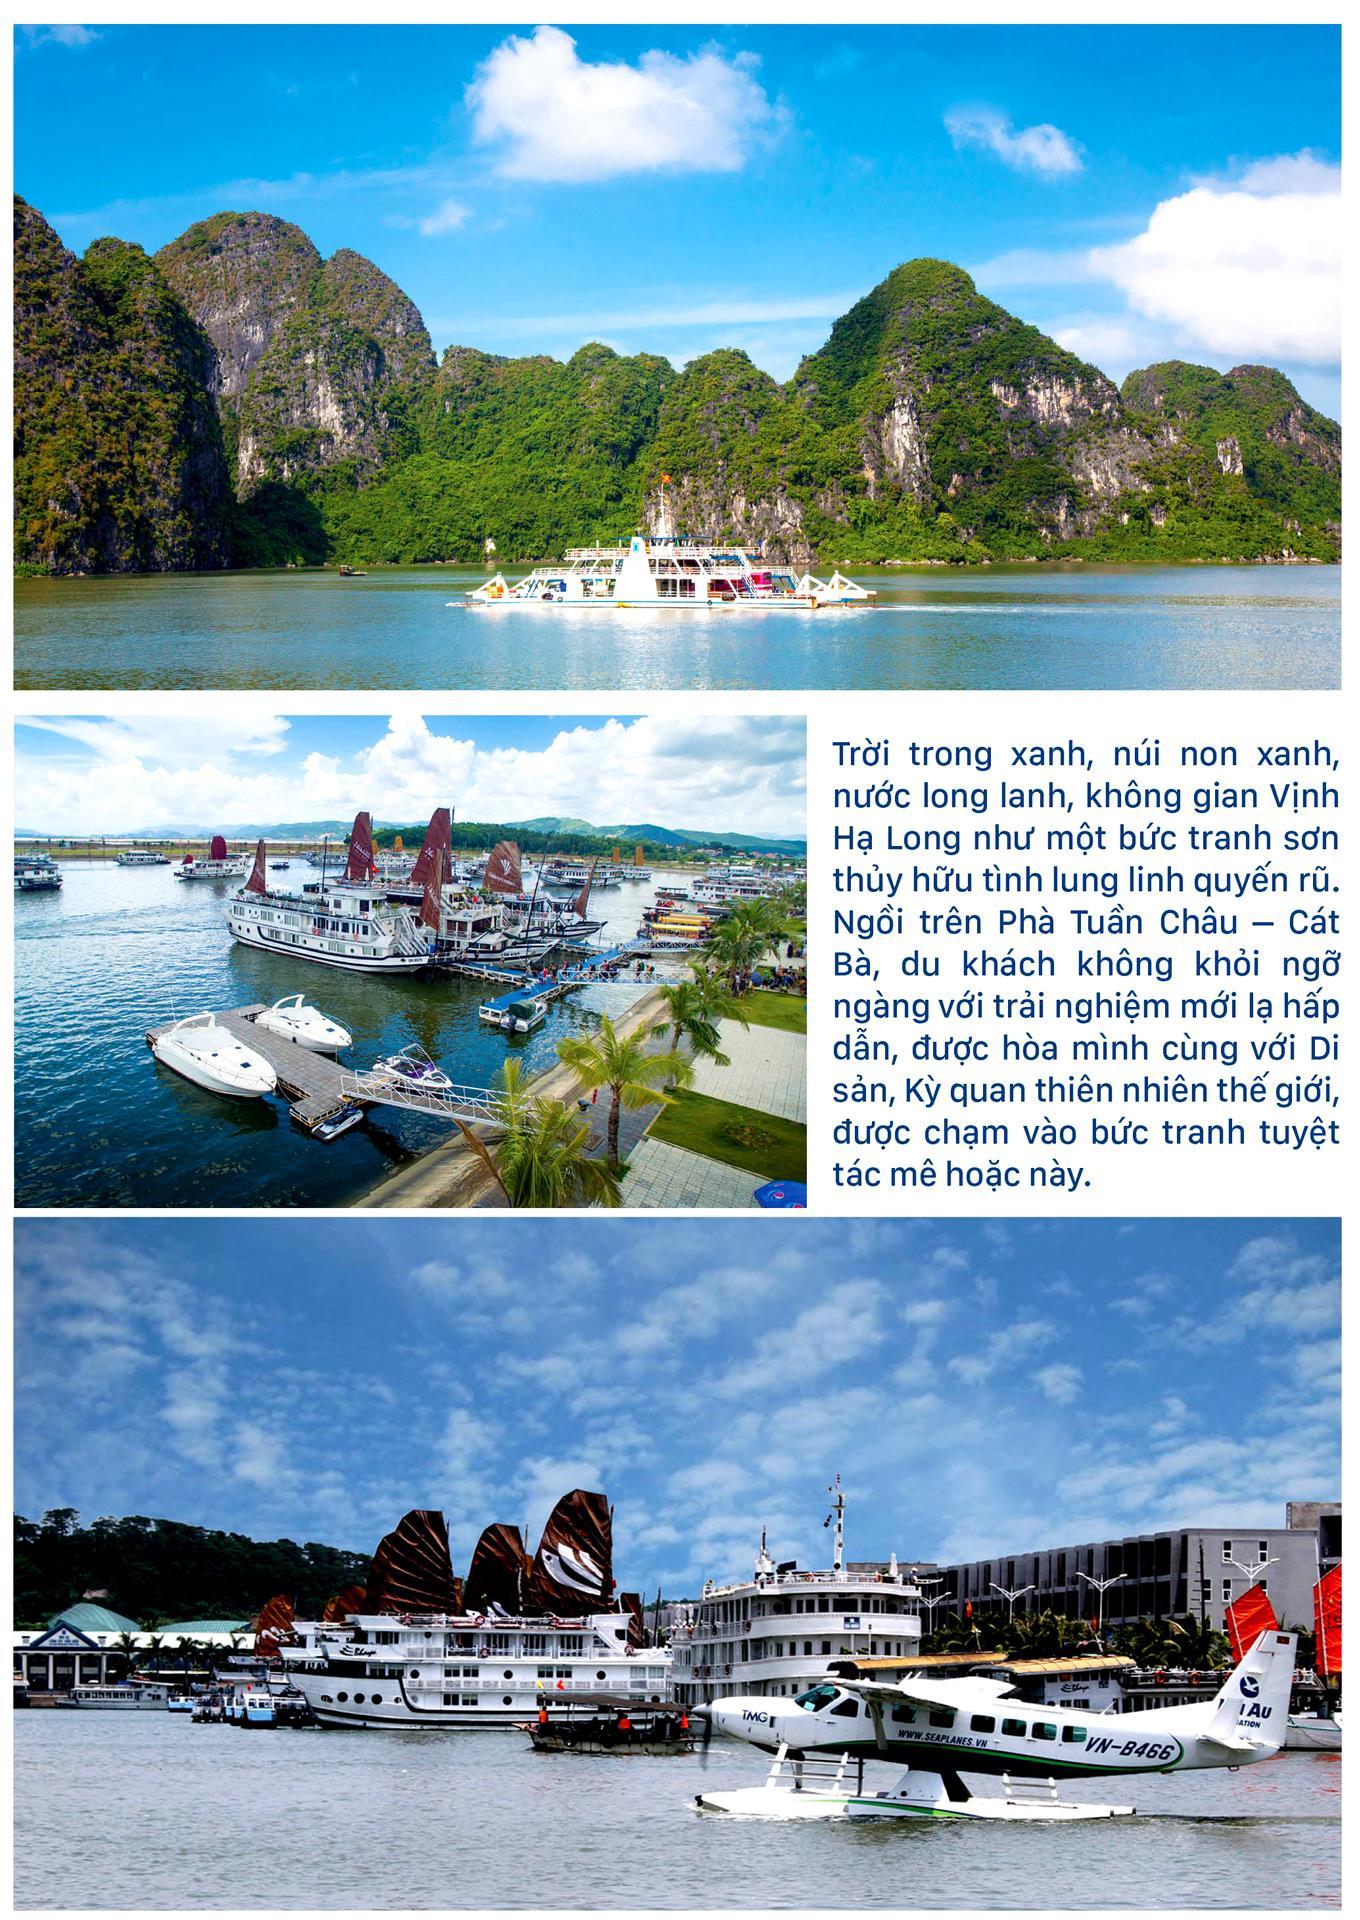 Ngắm Kỳ quan  Vịnh Hạ Long lãng mạn  từ Phà Tuần Châu ảnh 2